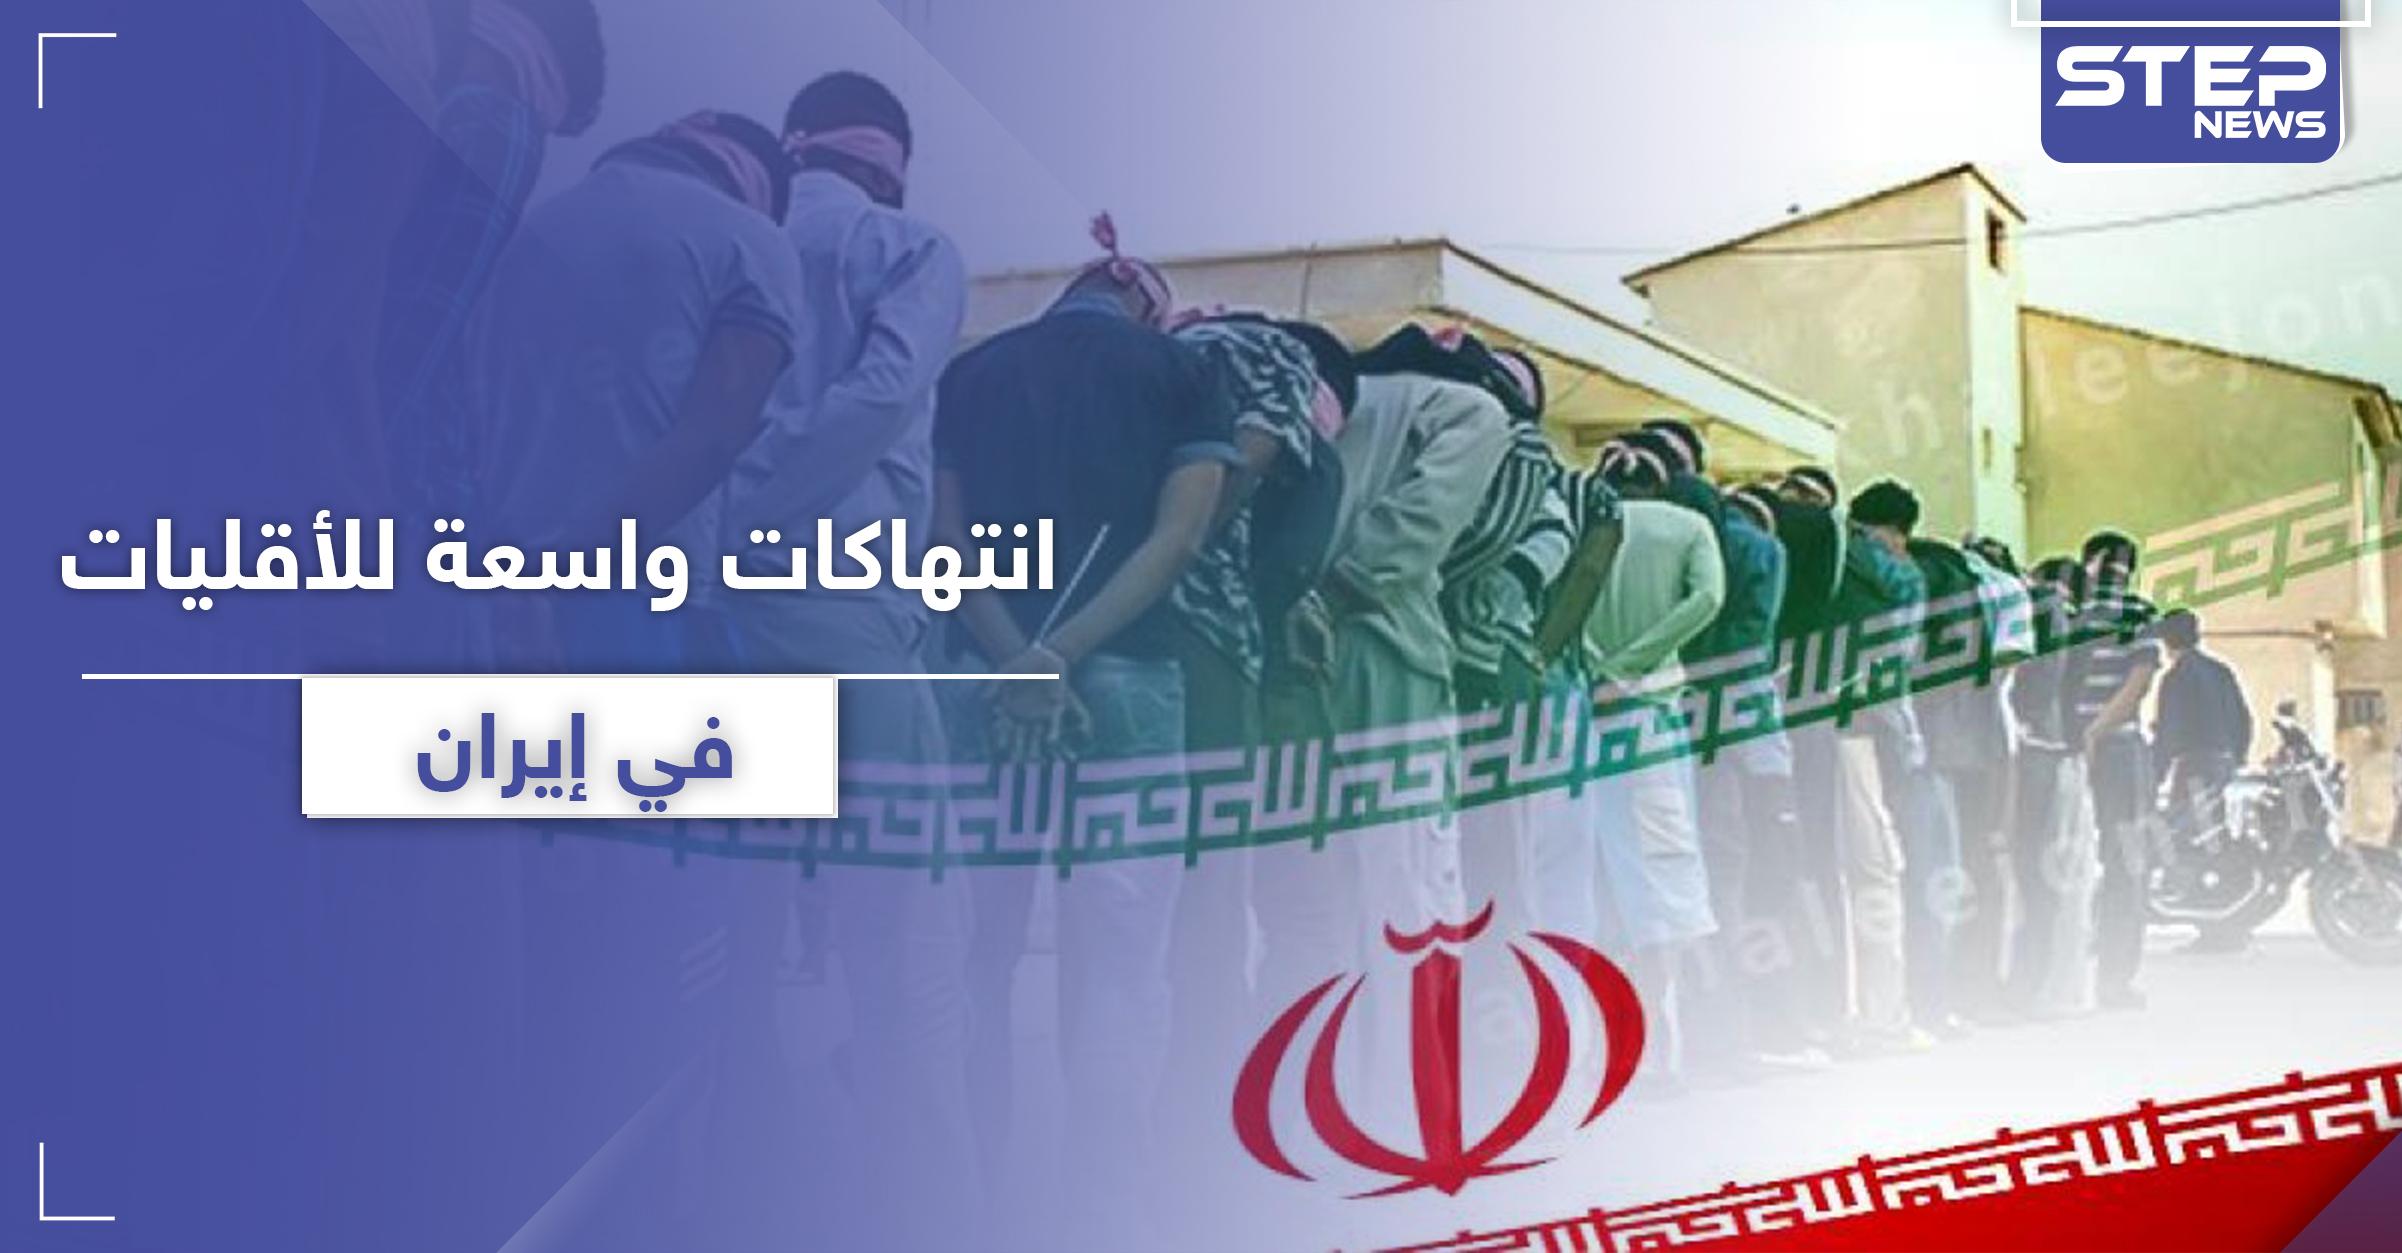 """""""محاربة الله"""".. تقرير أمريكي يكشف إبادة إيران للسنة والأقليات الدينية بهذه التهمة"""